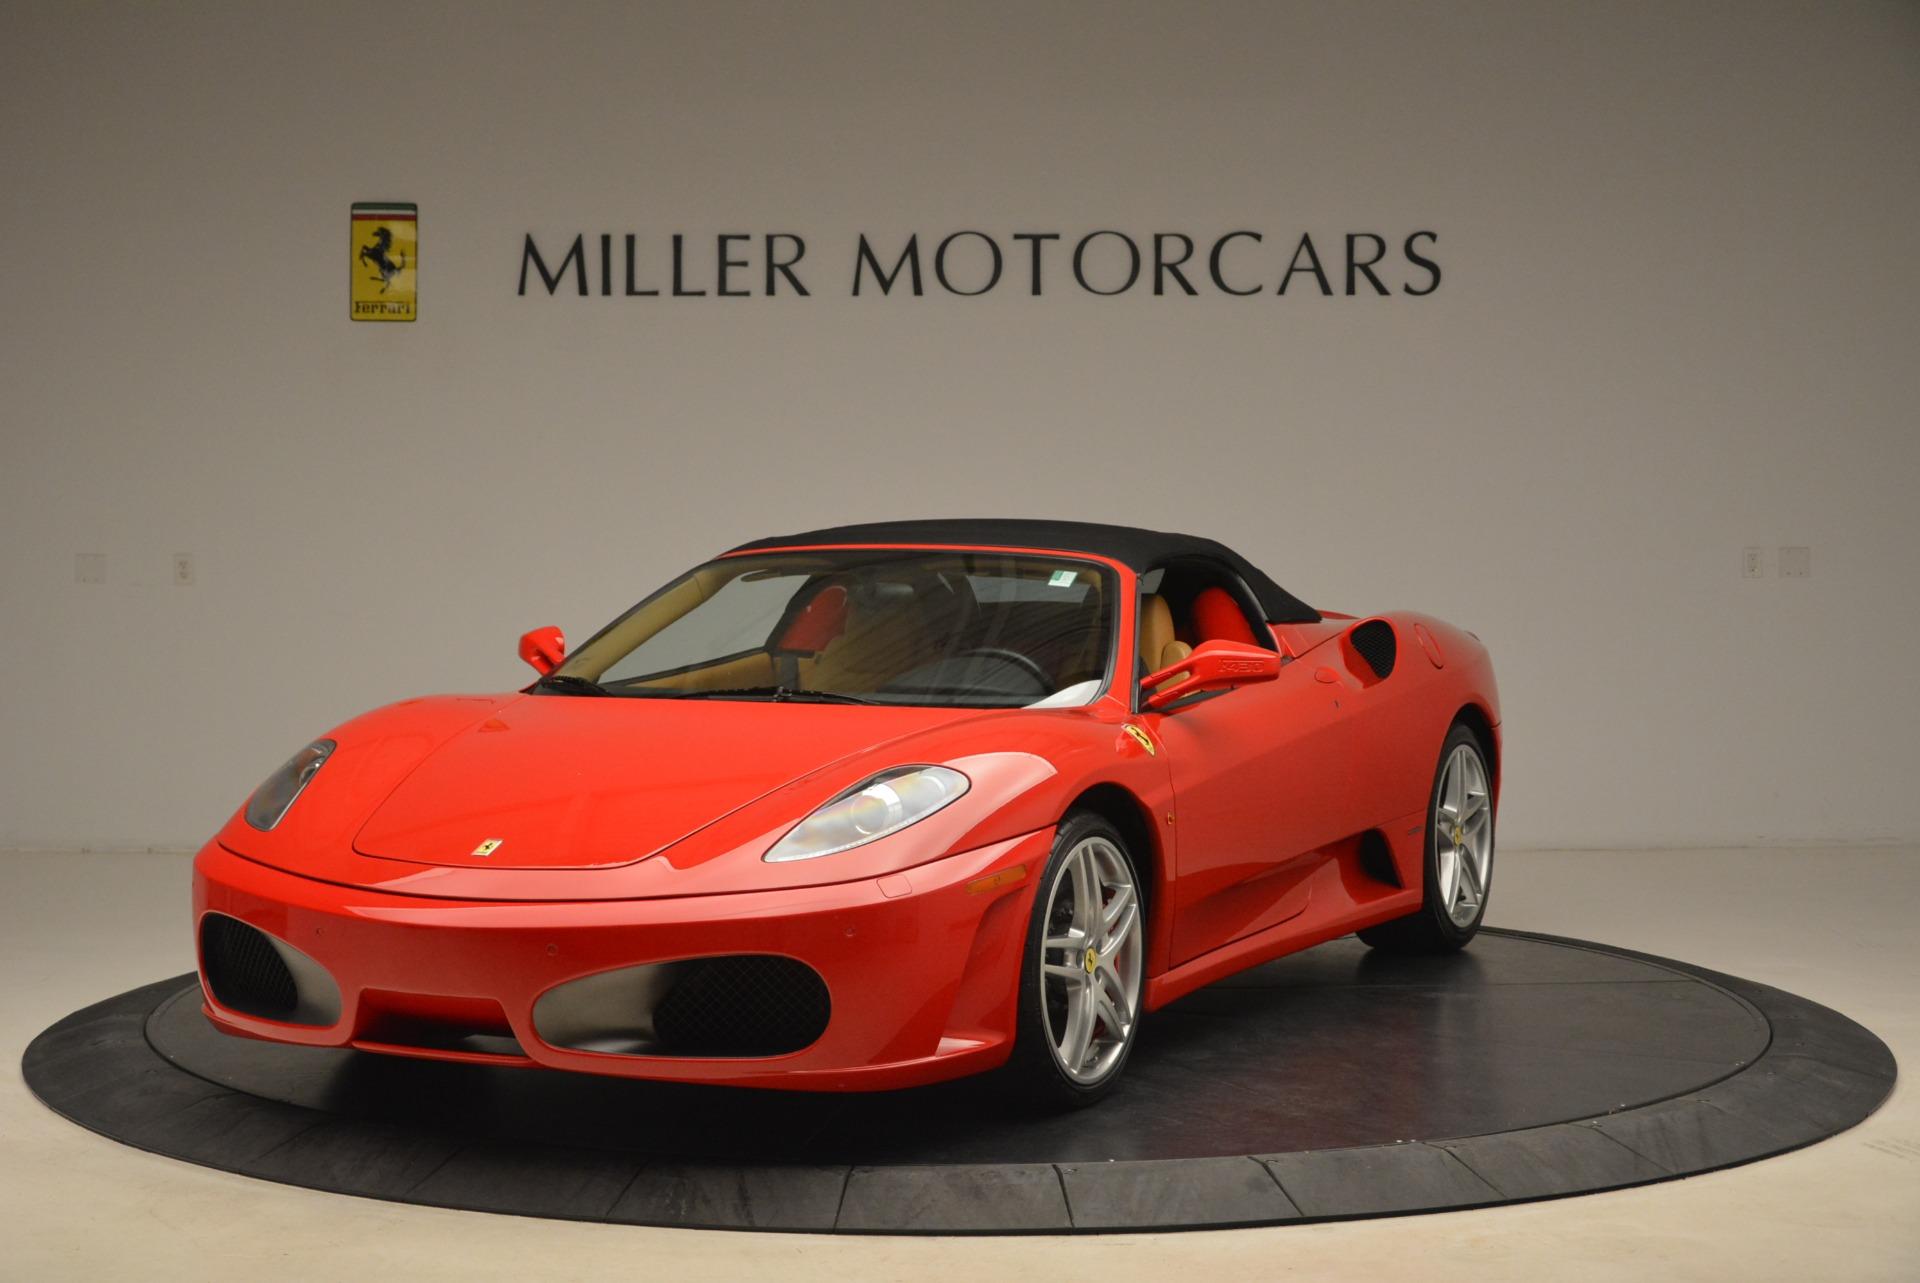 Used 2008 Ferrari F430 Spider For Sale In Greenwich, CT 2268_p13